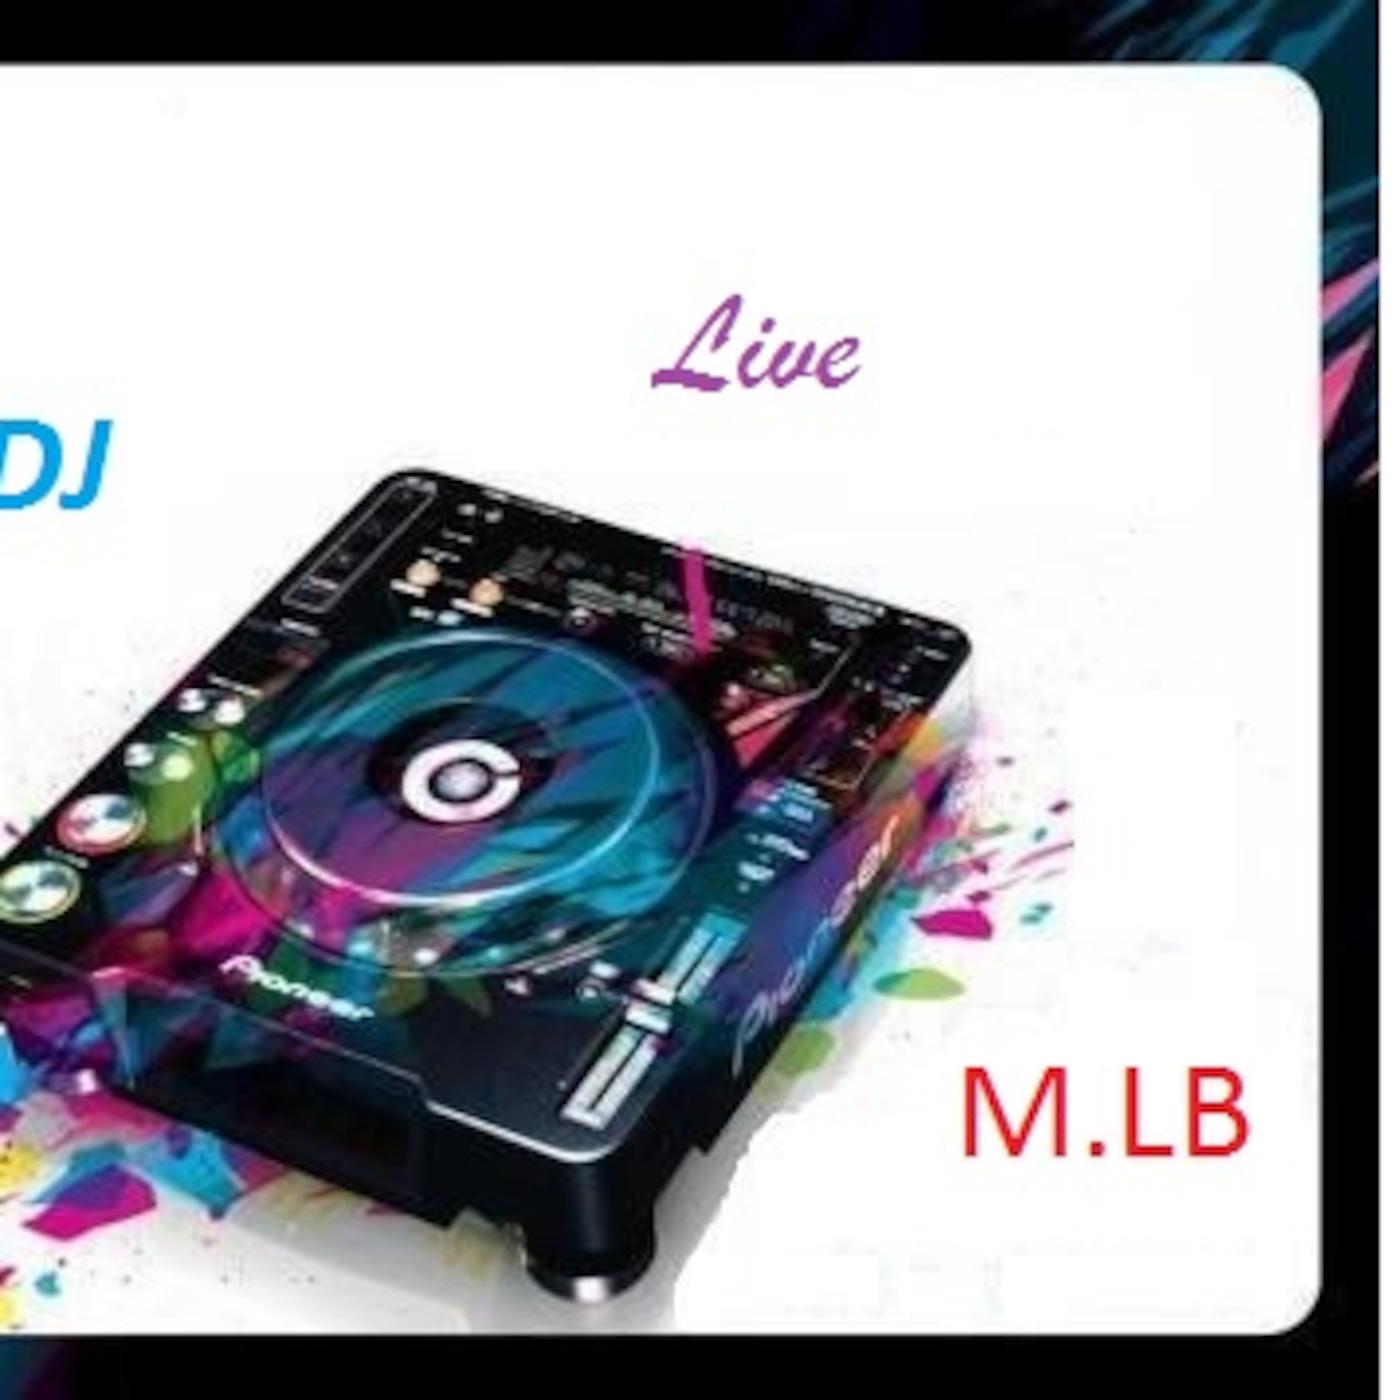 Dj M.LB: Noize Station